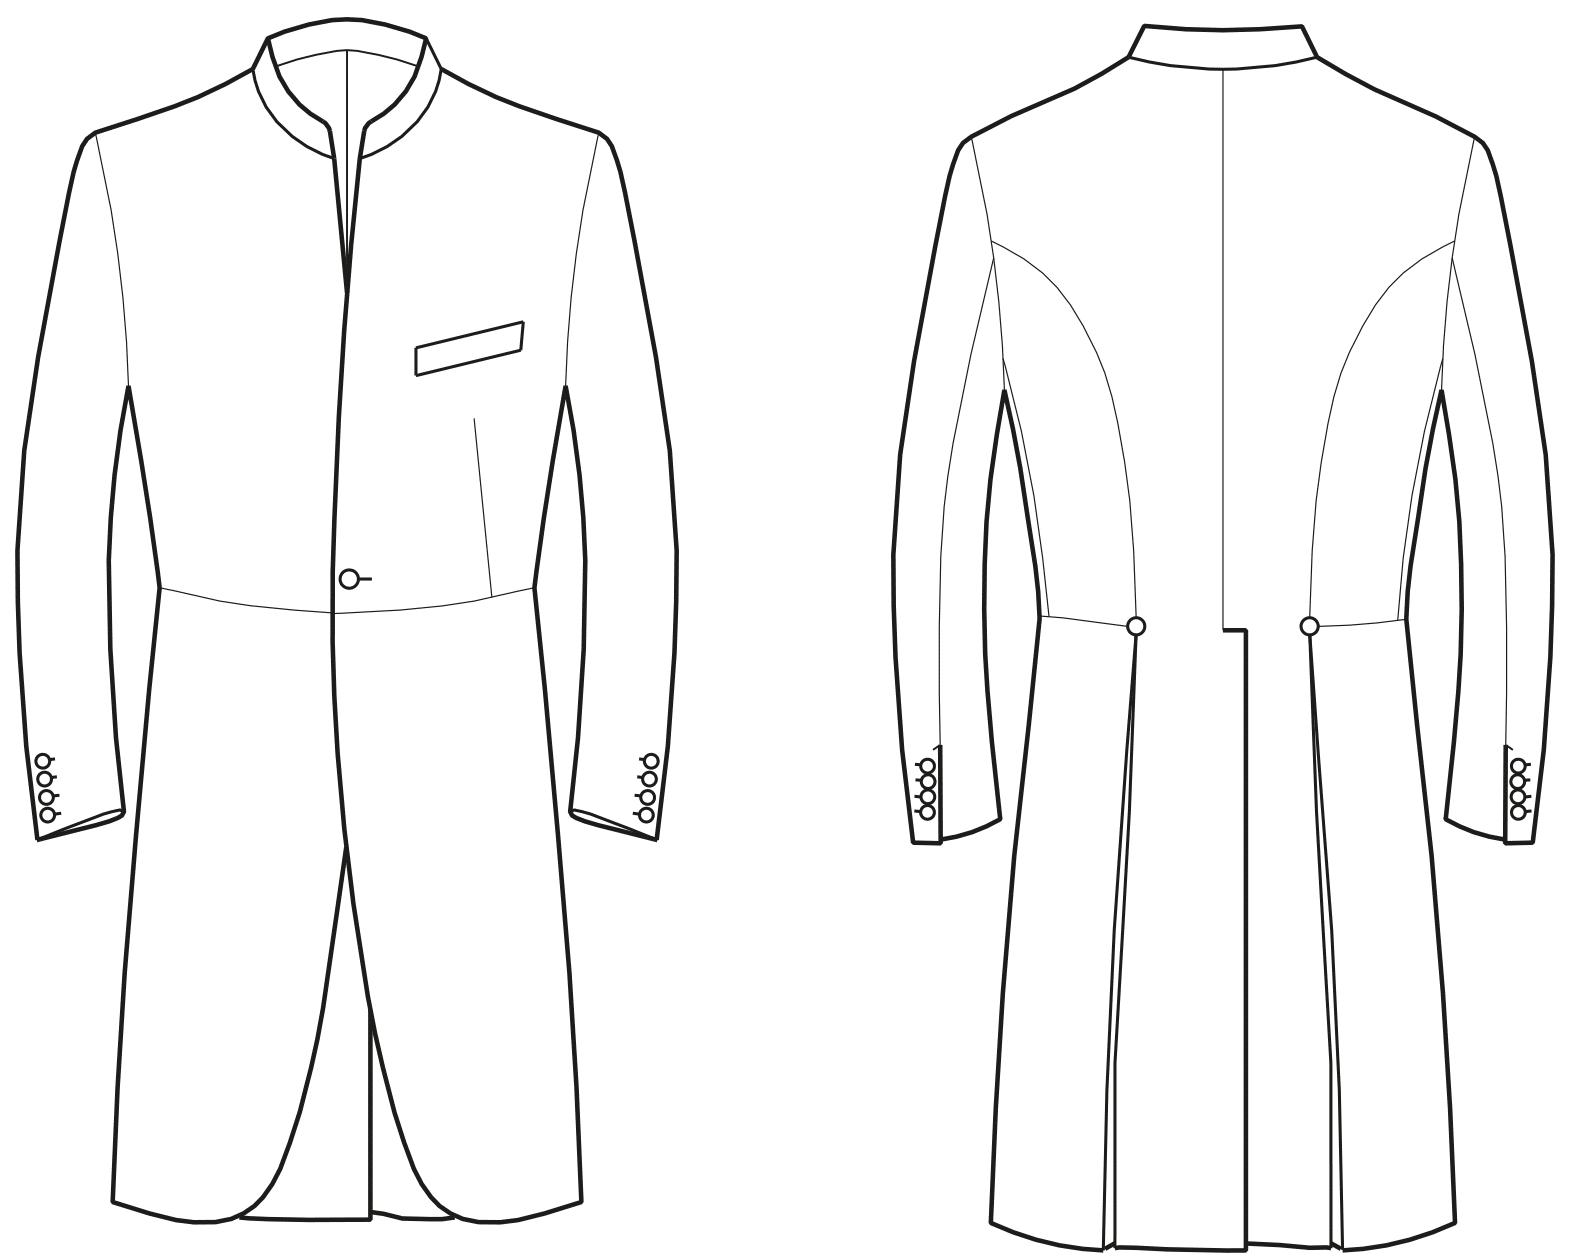 Abgebildet ist die technische Zeichnung eines Gehrockes.